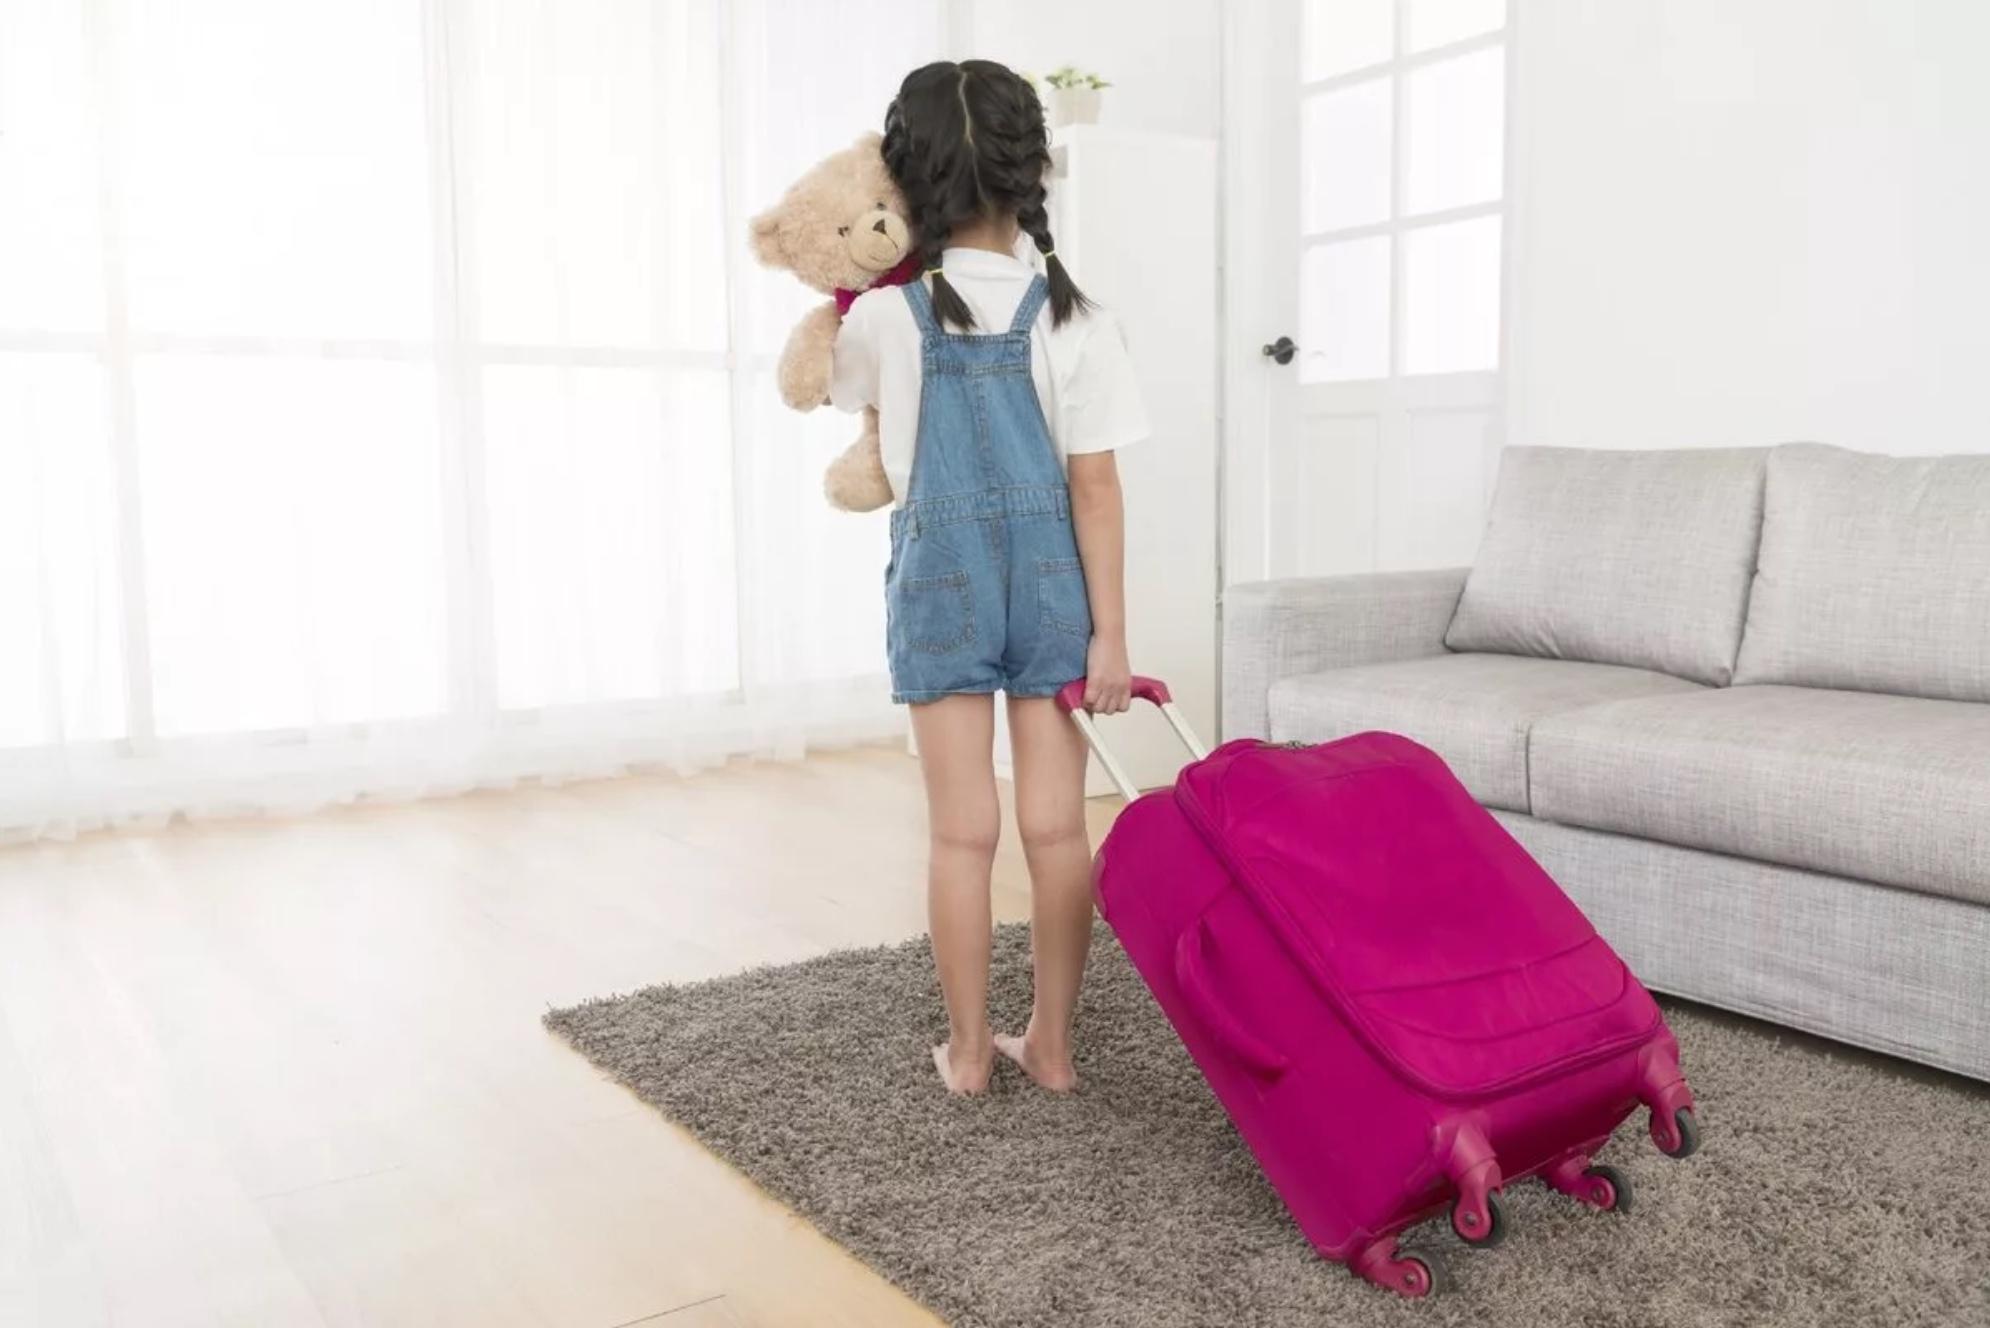 Можно ли выписать ребенка в никуда?